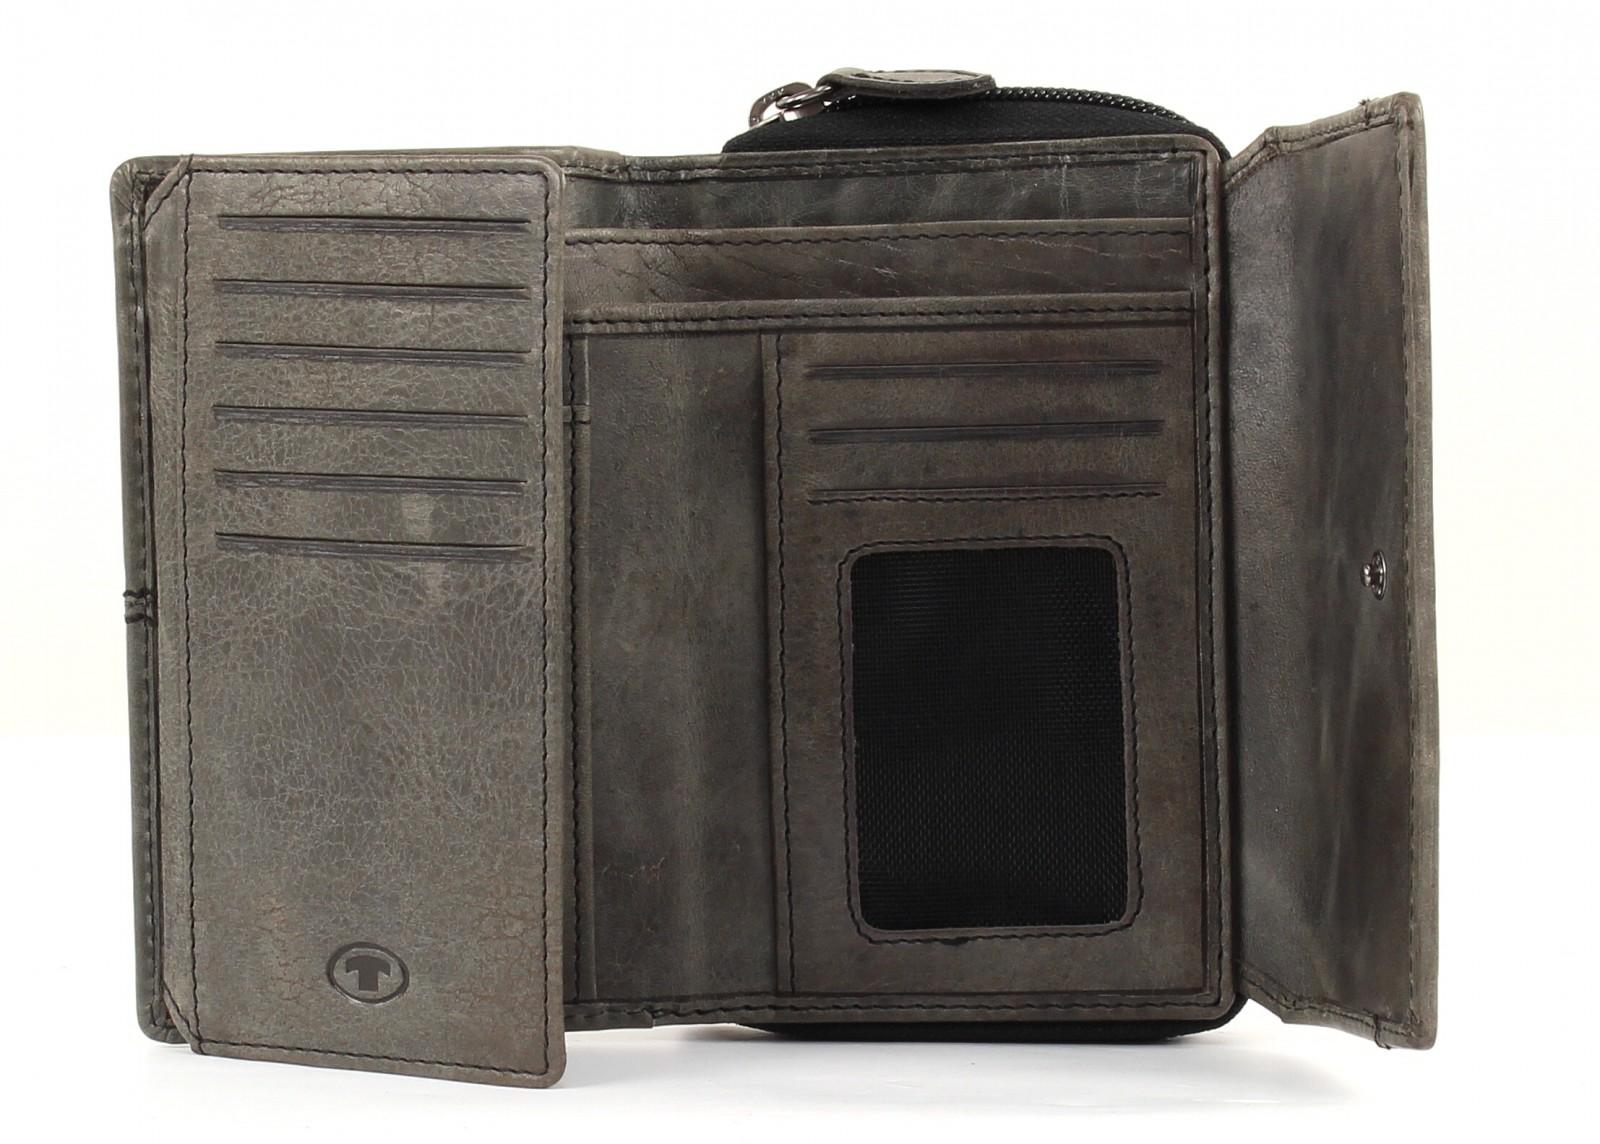 TOM TAILOR Rock Leather Purse Grey